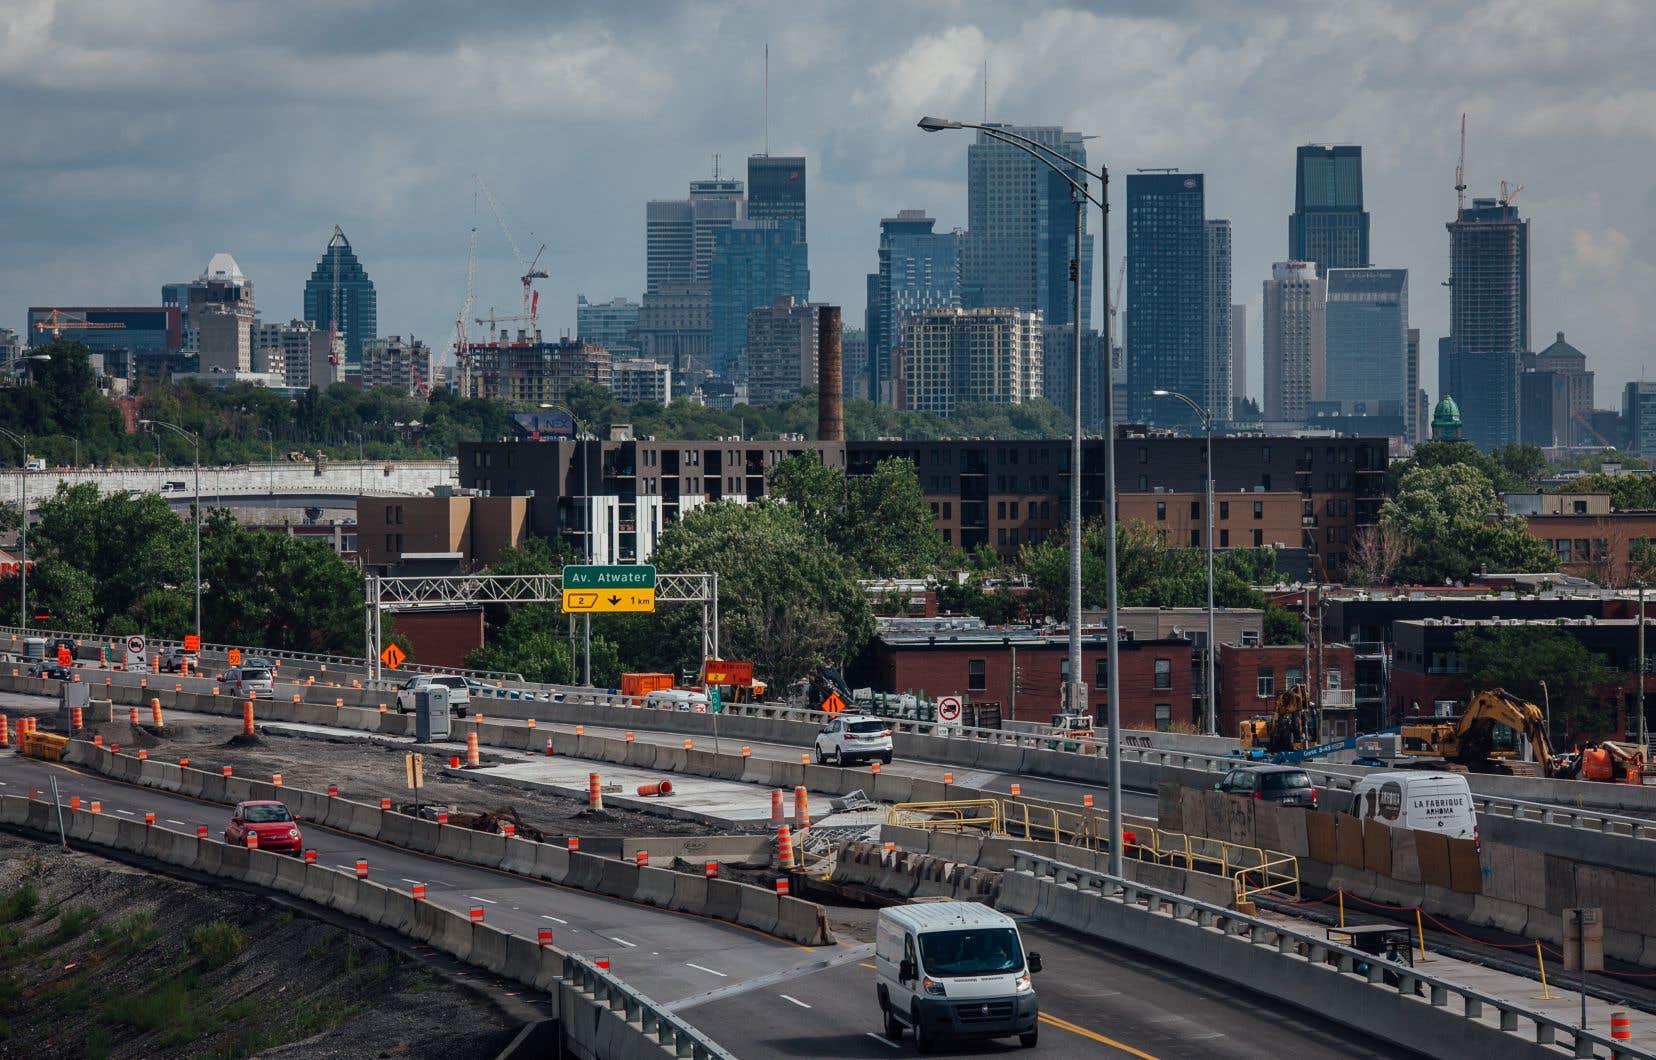 «Le Bulletin de rendement des infrastructures canadiennes de cette année note que des travaux sont prévus pour au moins 30% des infrastructures publiques», soulignent les auteurs.